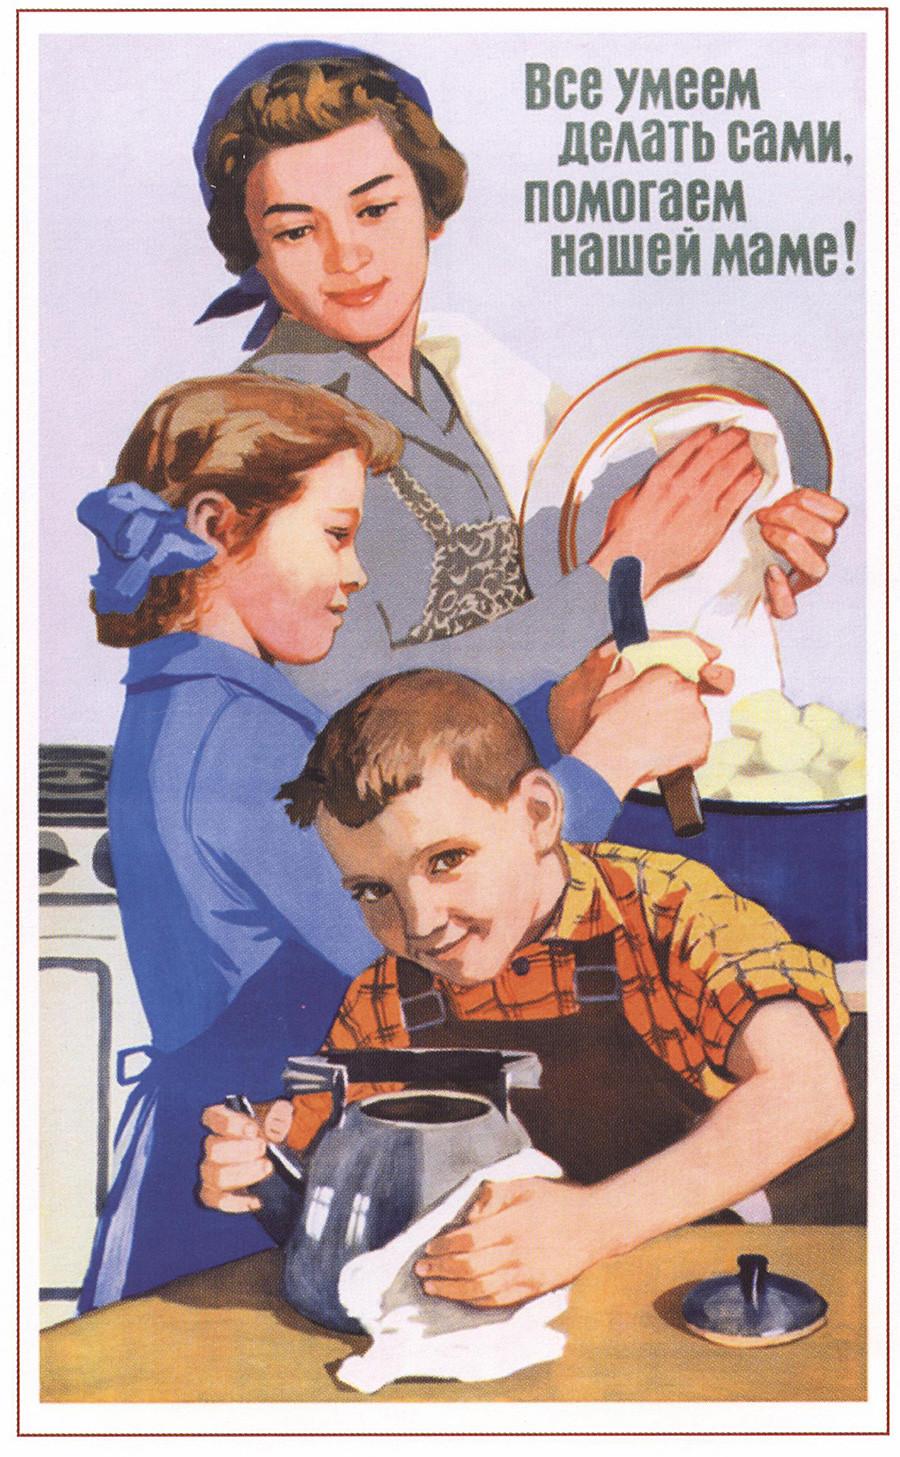 Nous pouvons tout faire par nous-mêmes, nous aidons notre mère.